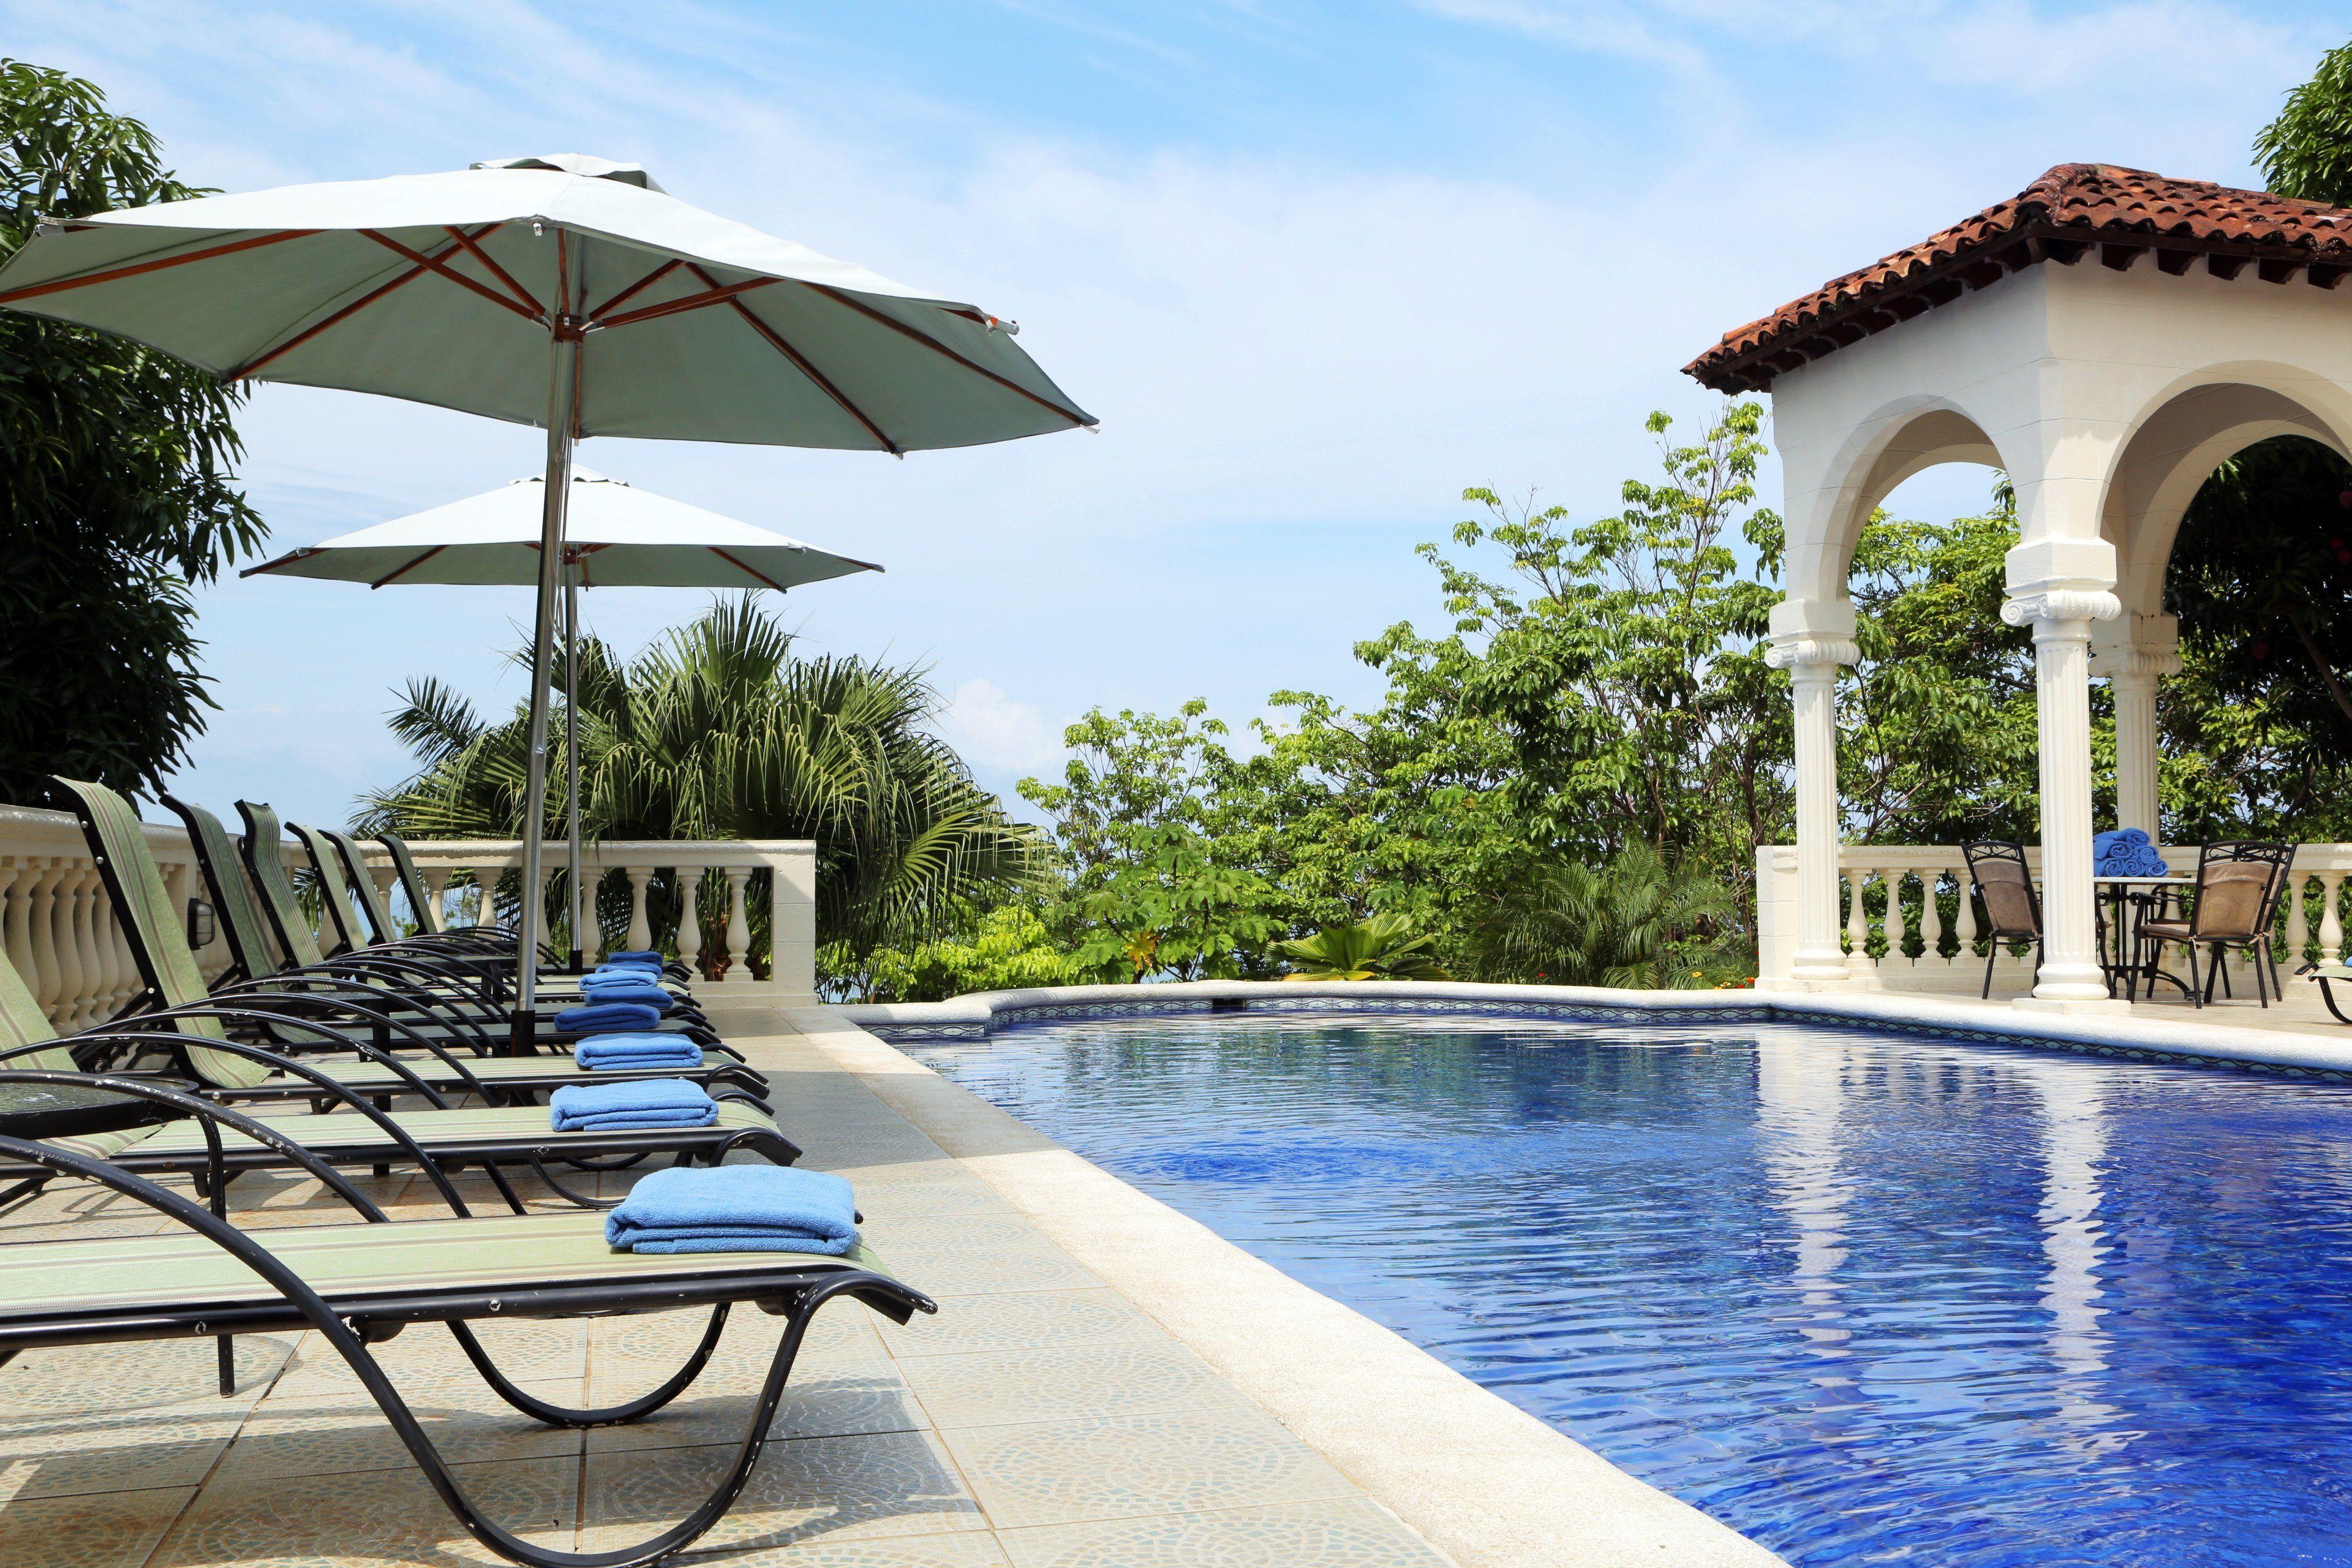 Courtesy of Parador Resort and Spa / Expedia